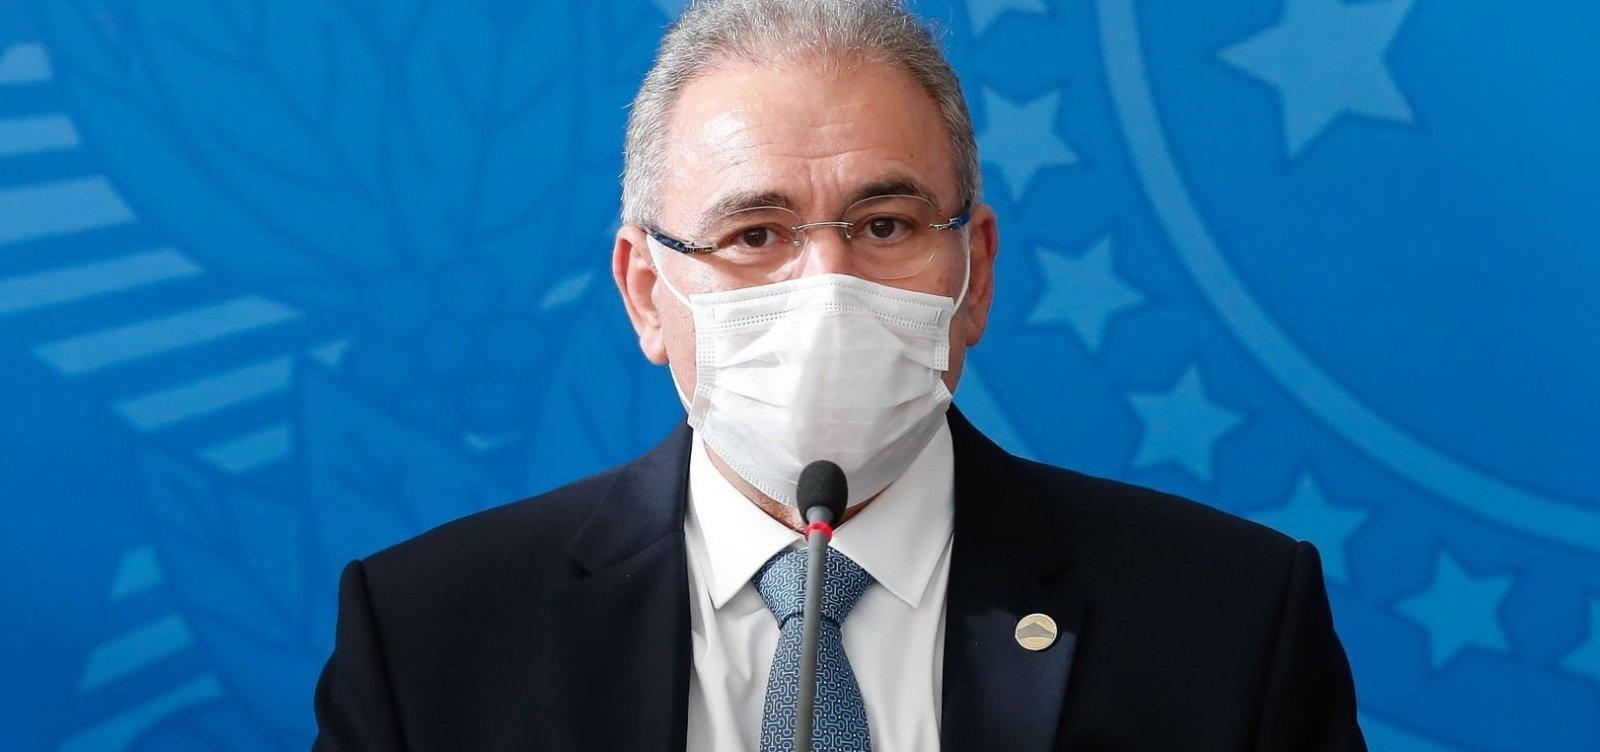 Brasil tem 7 milhões de pessoas que não apareceram para tomar segunda dose contra Covid, diz Queiroga